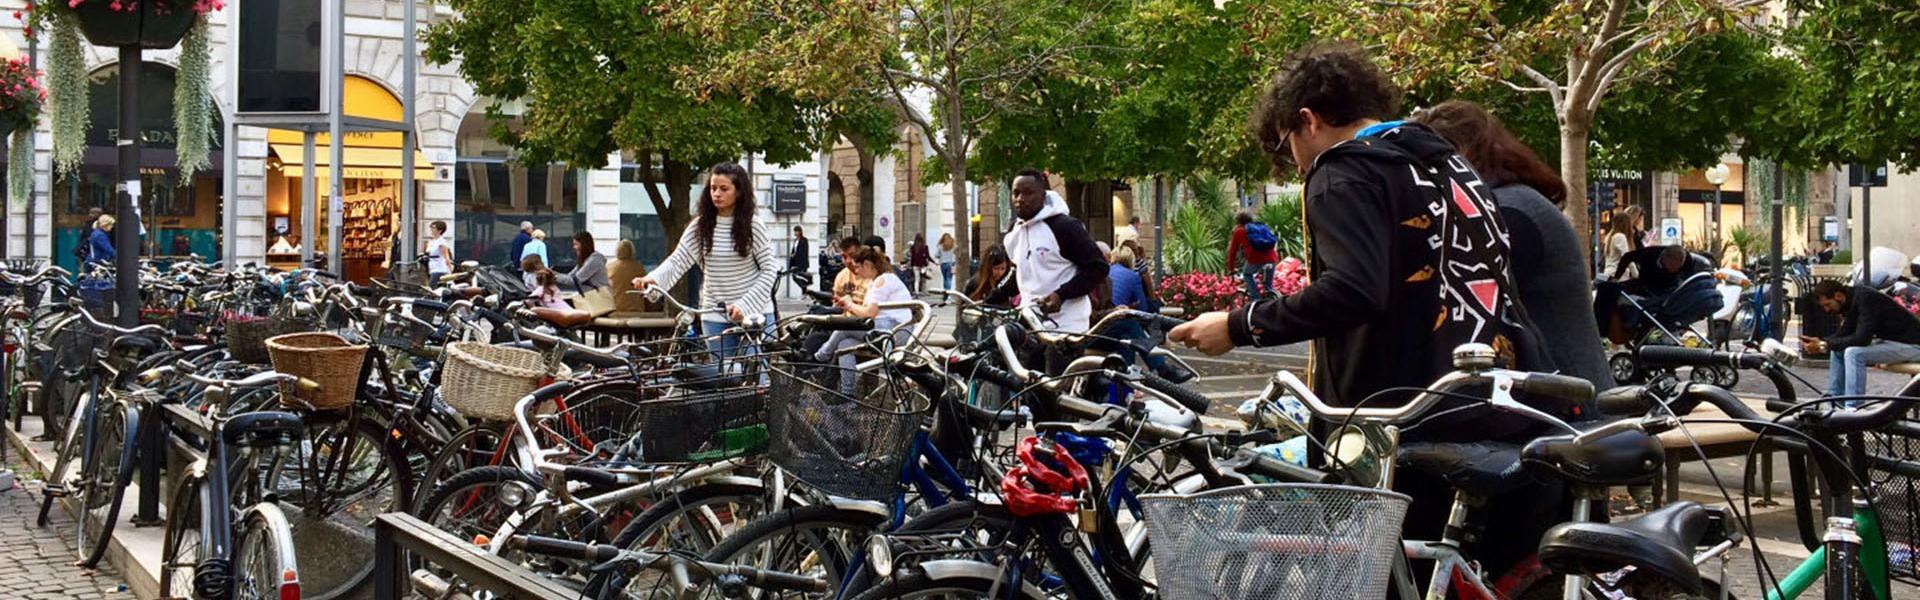 Padova Travel Bike ©Francesca Depaulis